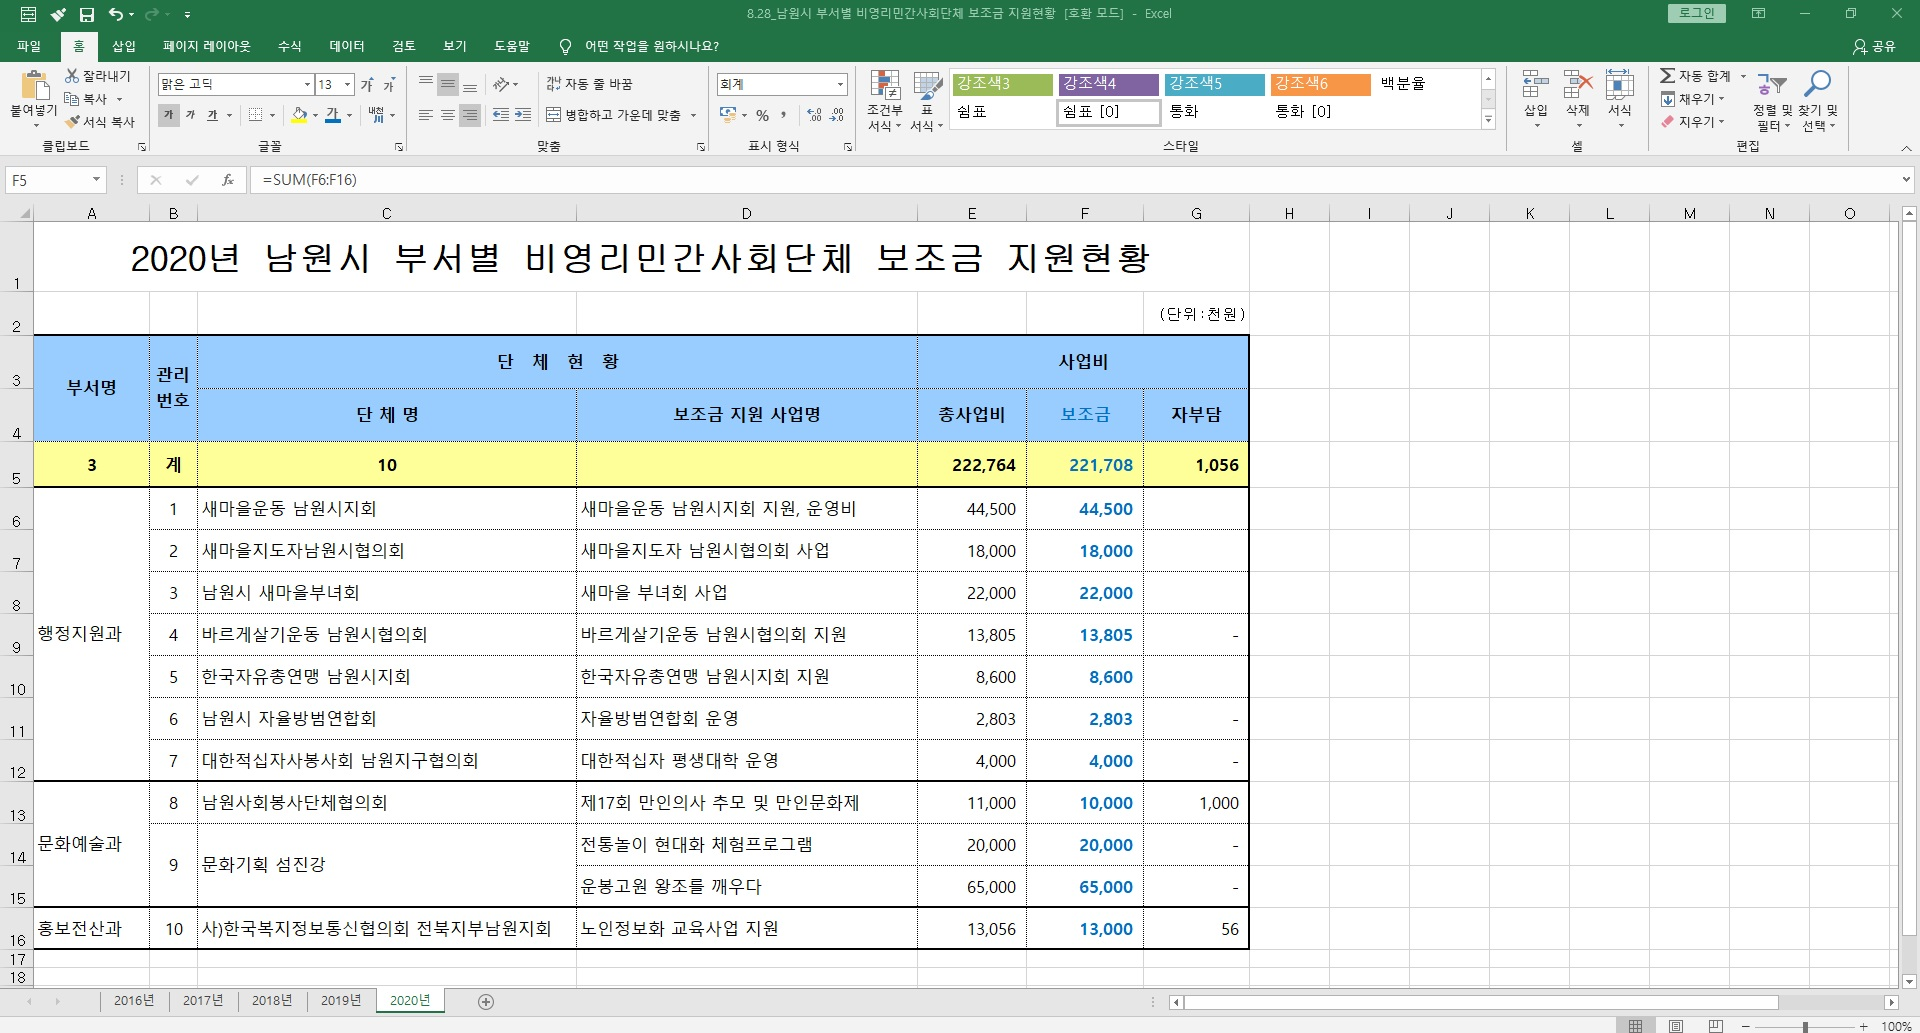 8.28_20.8.11_남원시 부서별 비영리민간사회단체 보조금 지원현황.jpg